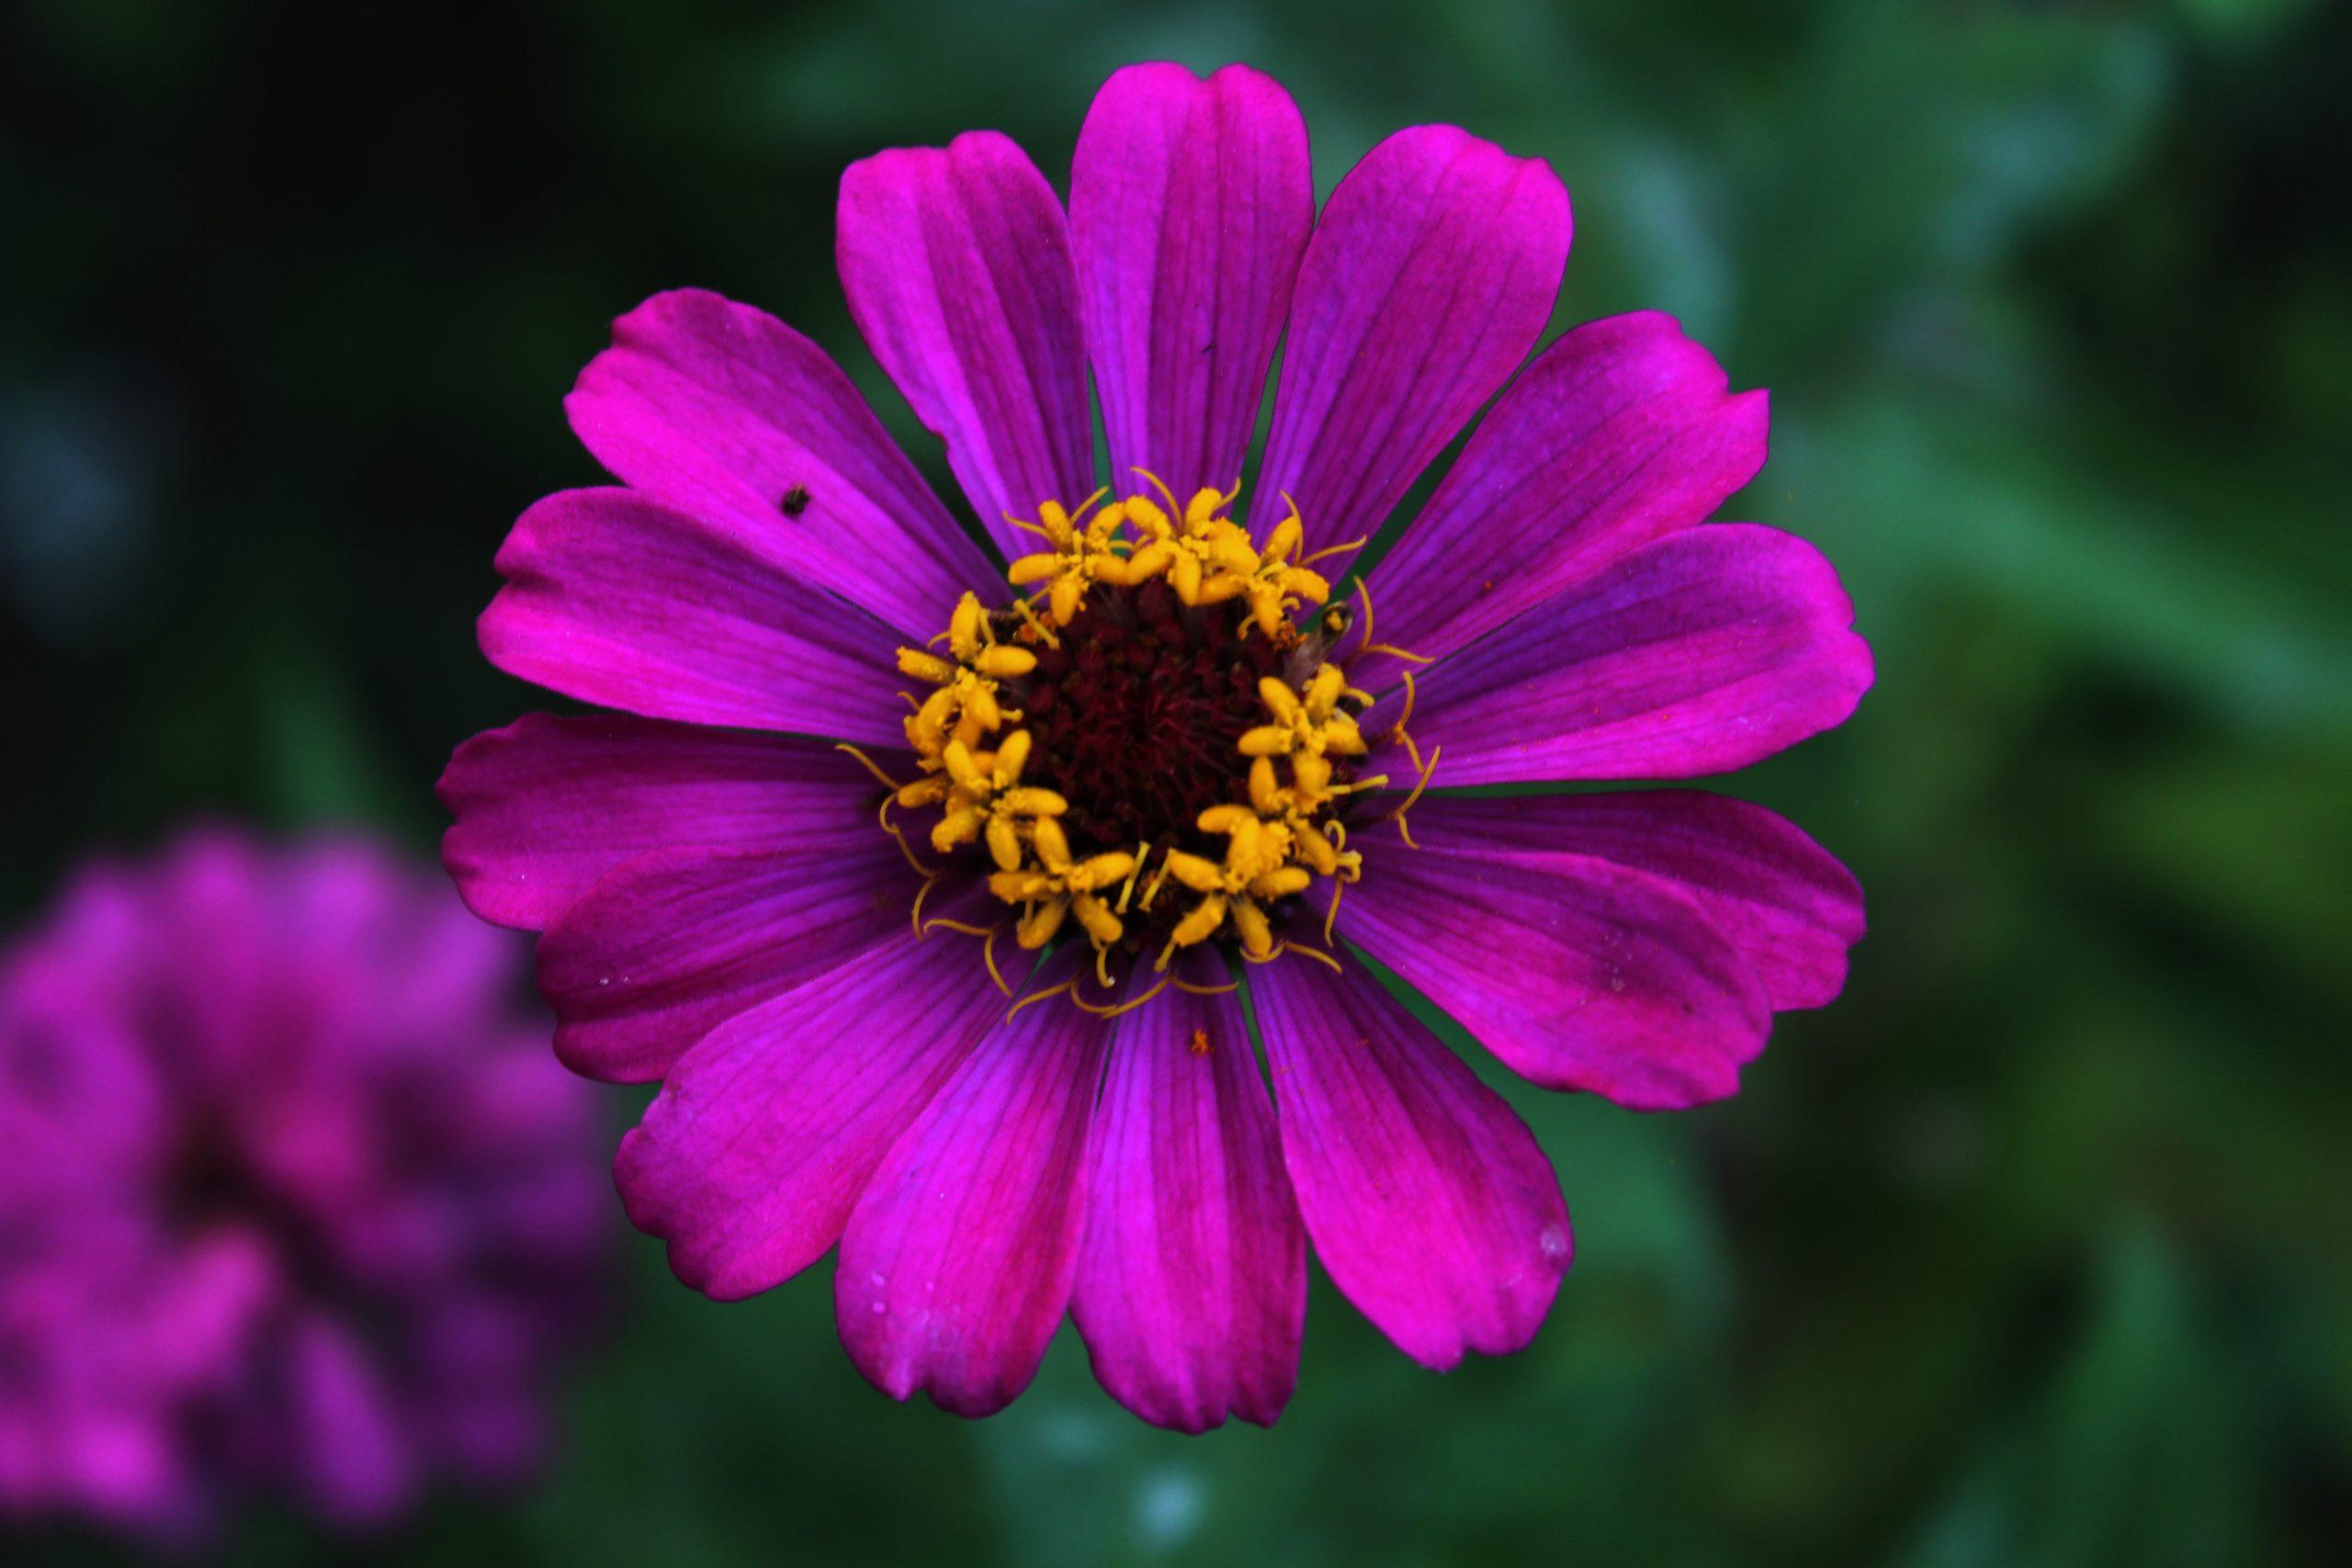 Single Purple Marigold